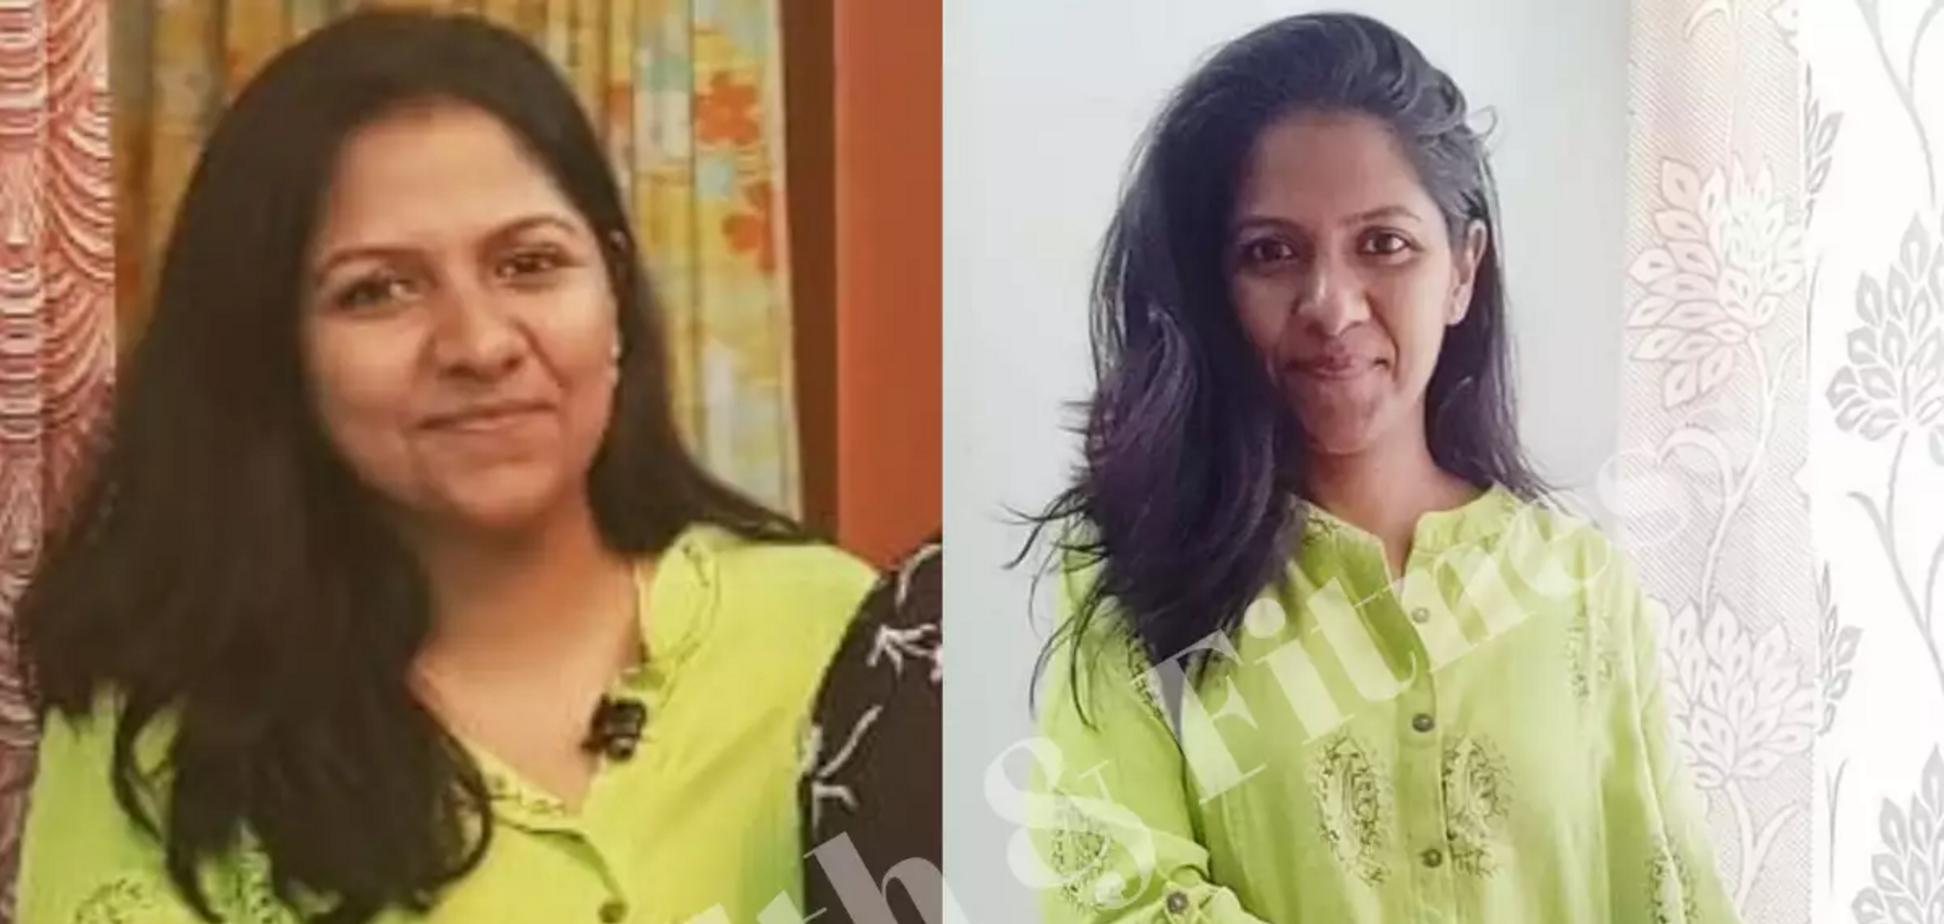 Айсварья Пандиян из Индии похудела на 21 кг с помощью интервального голодания и тренировок дома